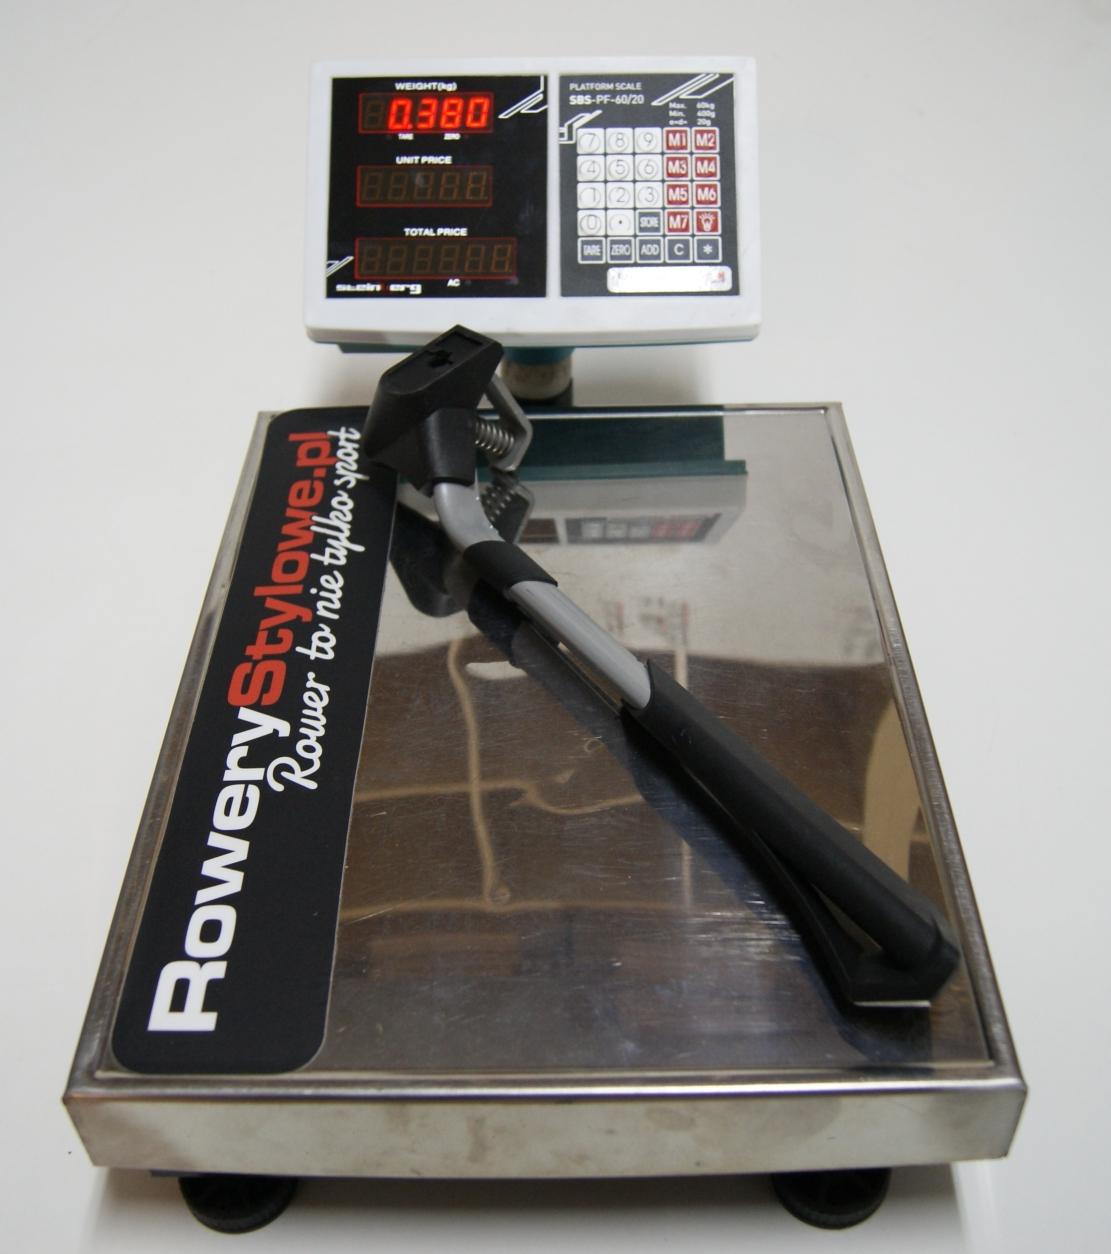 Nóżka Sparta Sturdy 380 gram